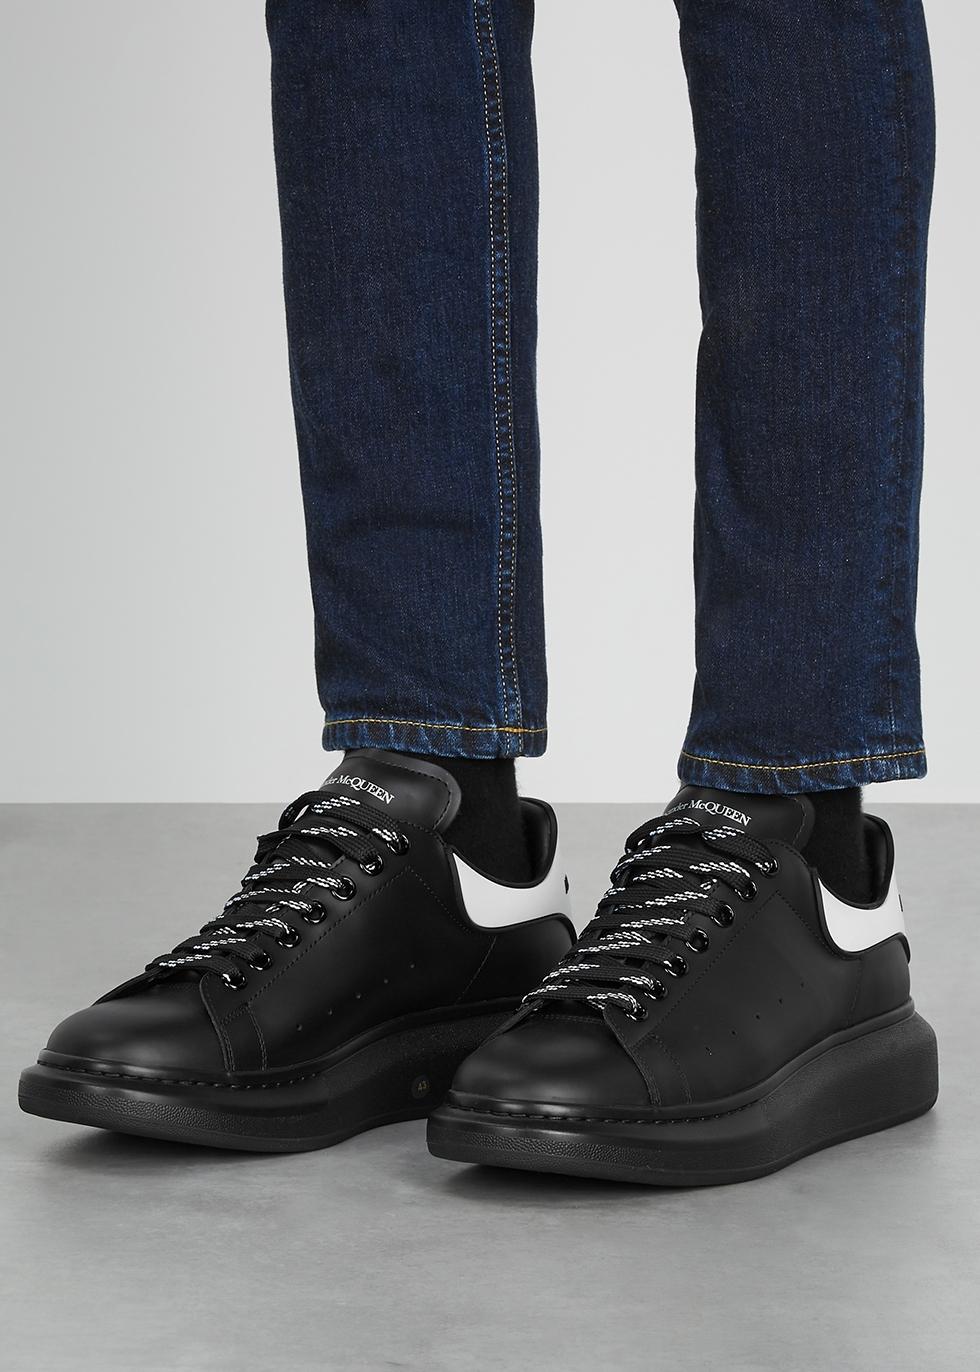 Men's Designer Trainers, Sneakers